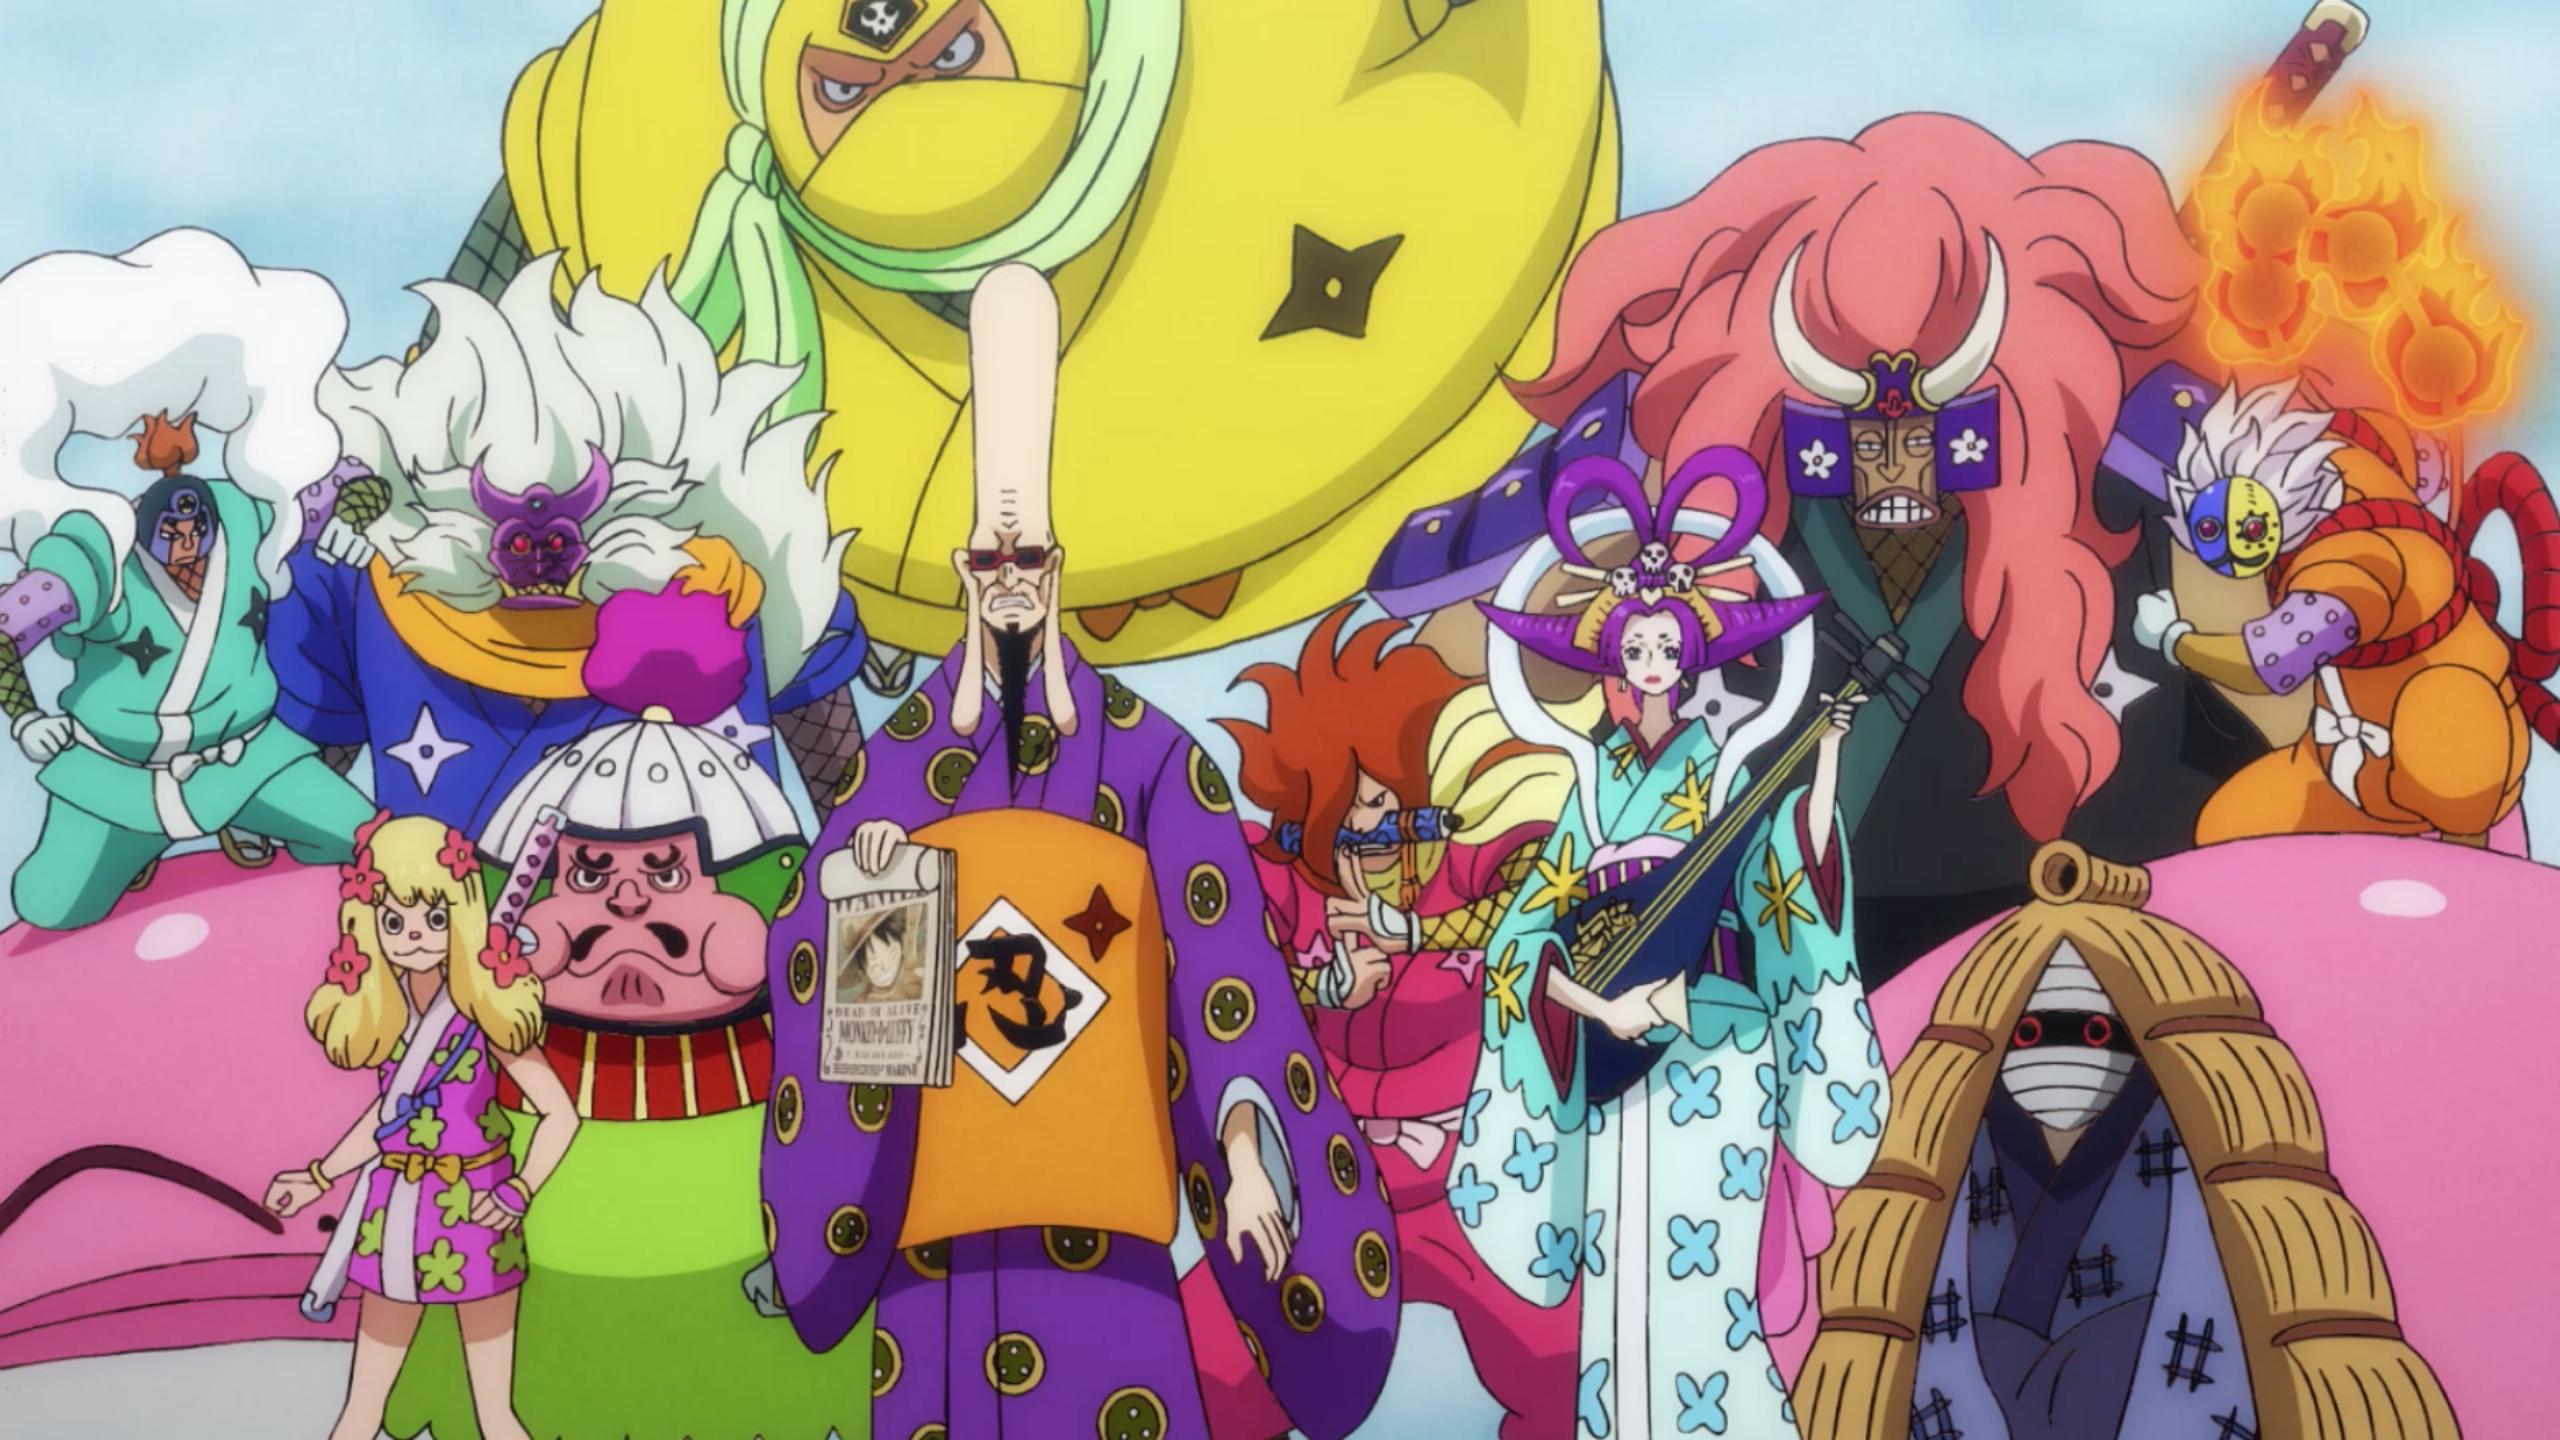 Orochi Oniwabanshu One Piece Wiki Fandom